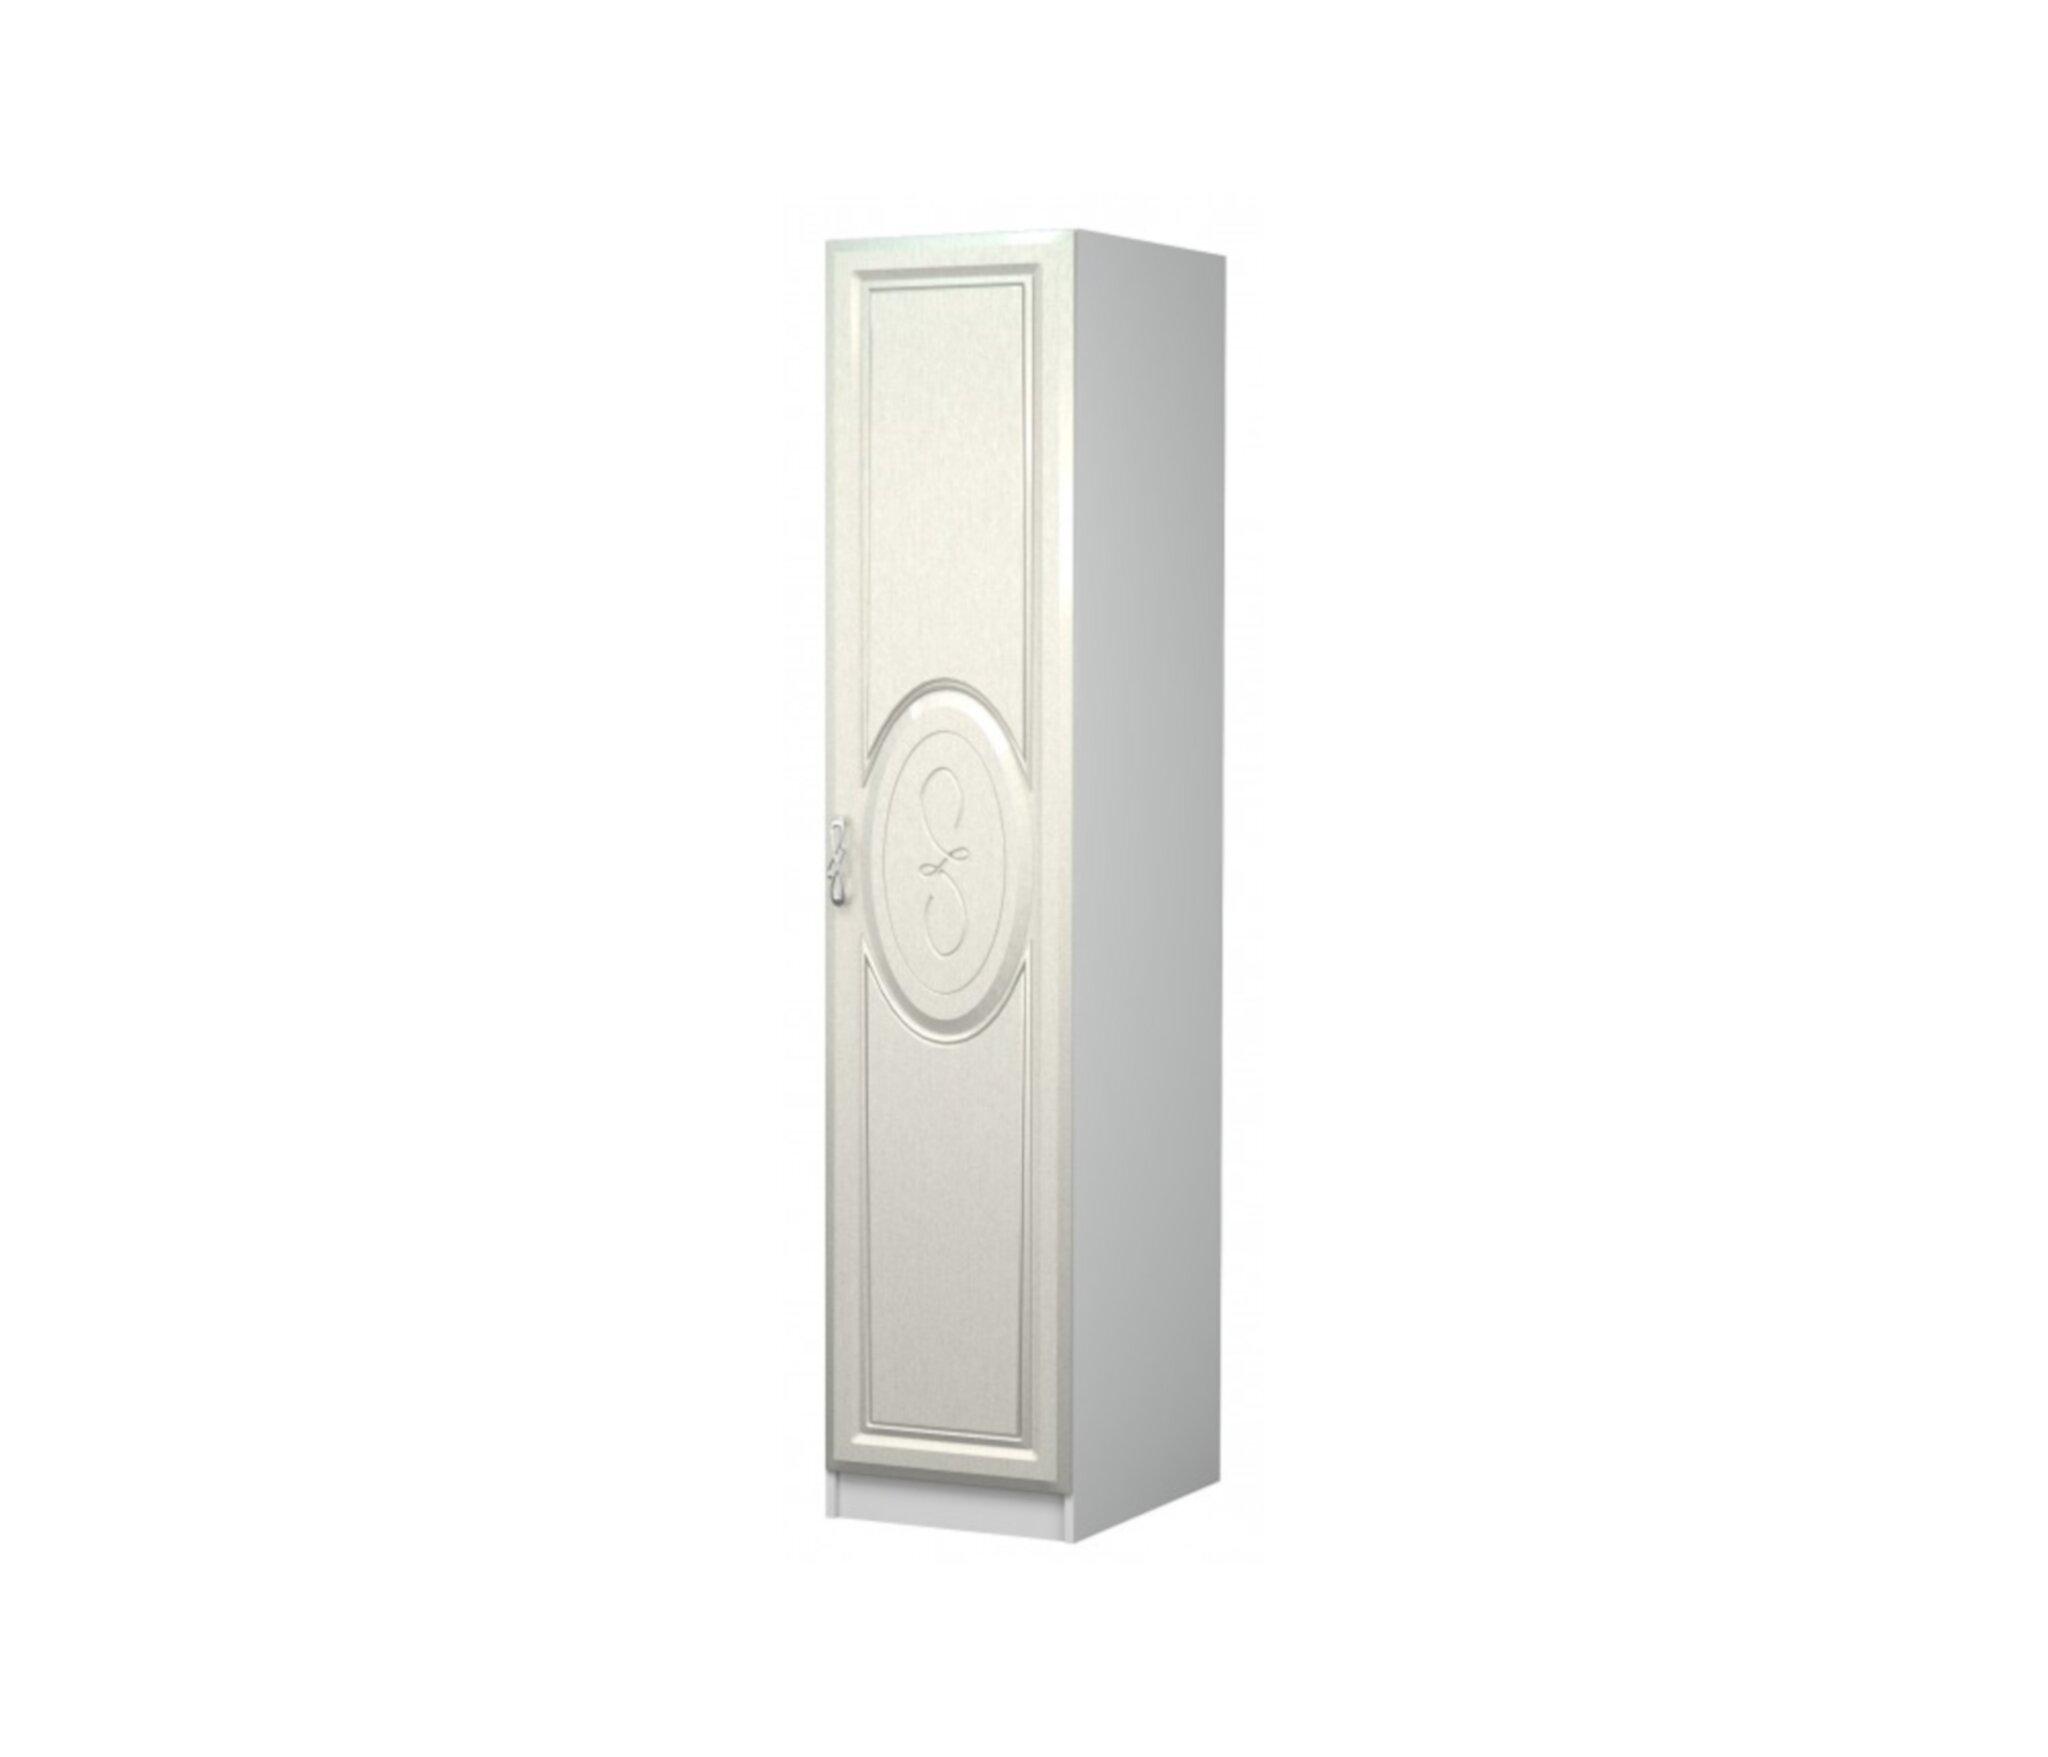 Пенал Жемчужинка белый/шелк патина распашные шкафы 4 дверные